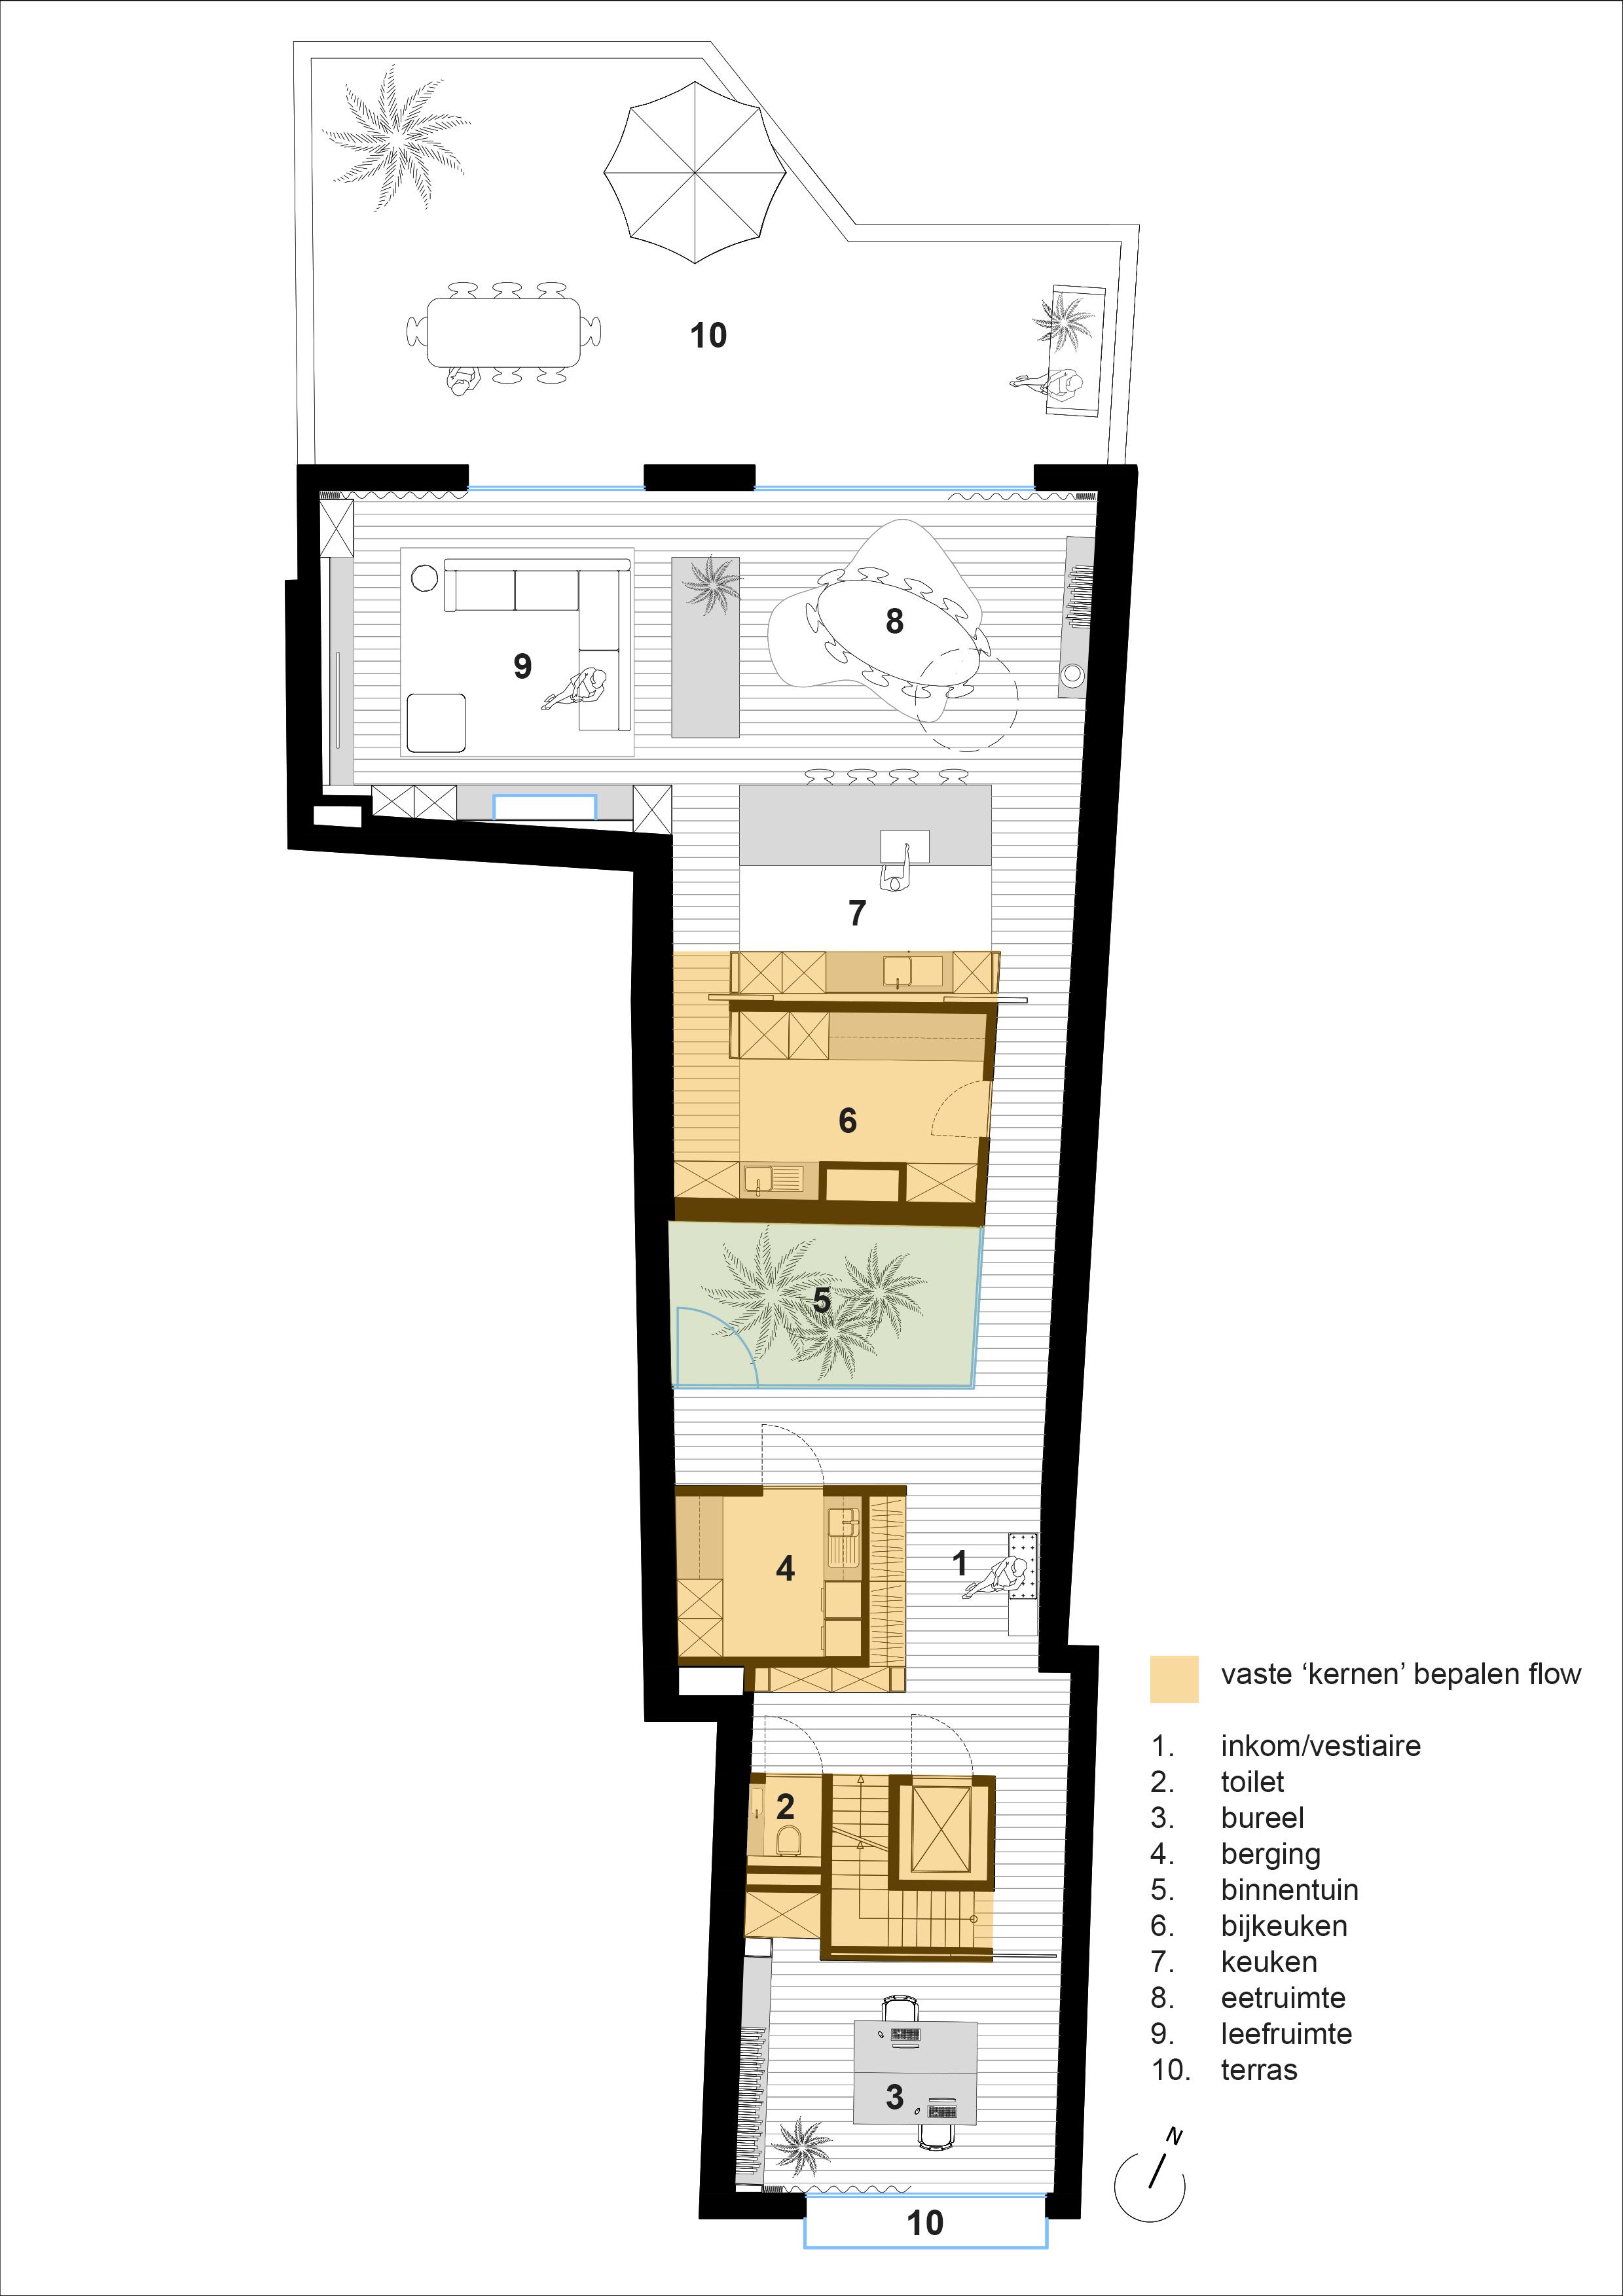 eerste verdieping plan.jpg